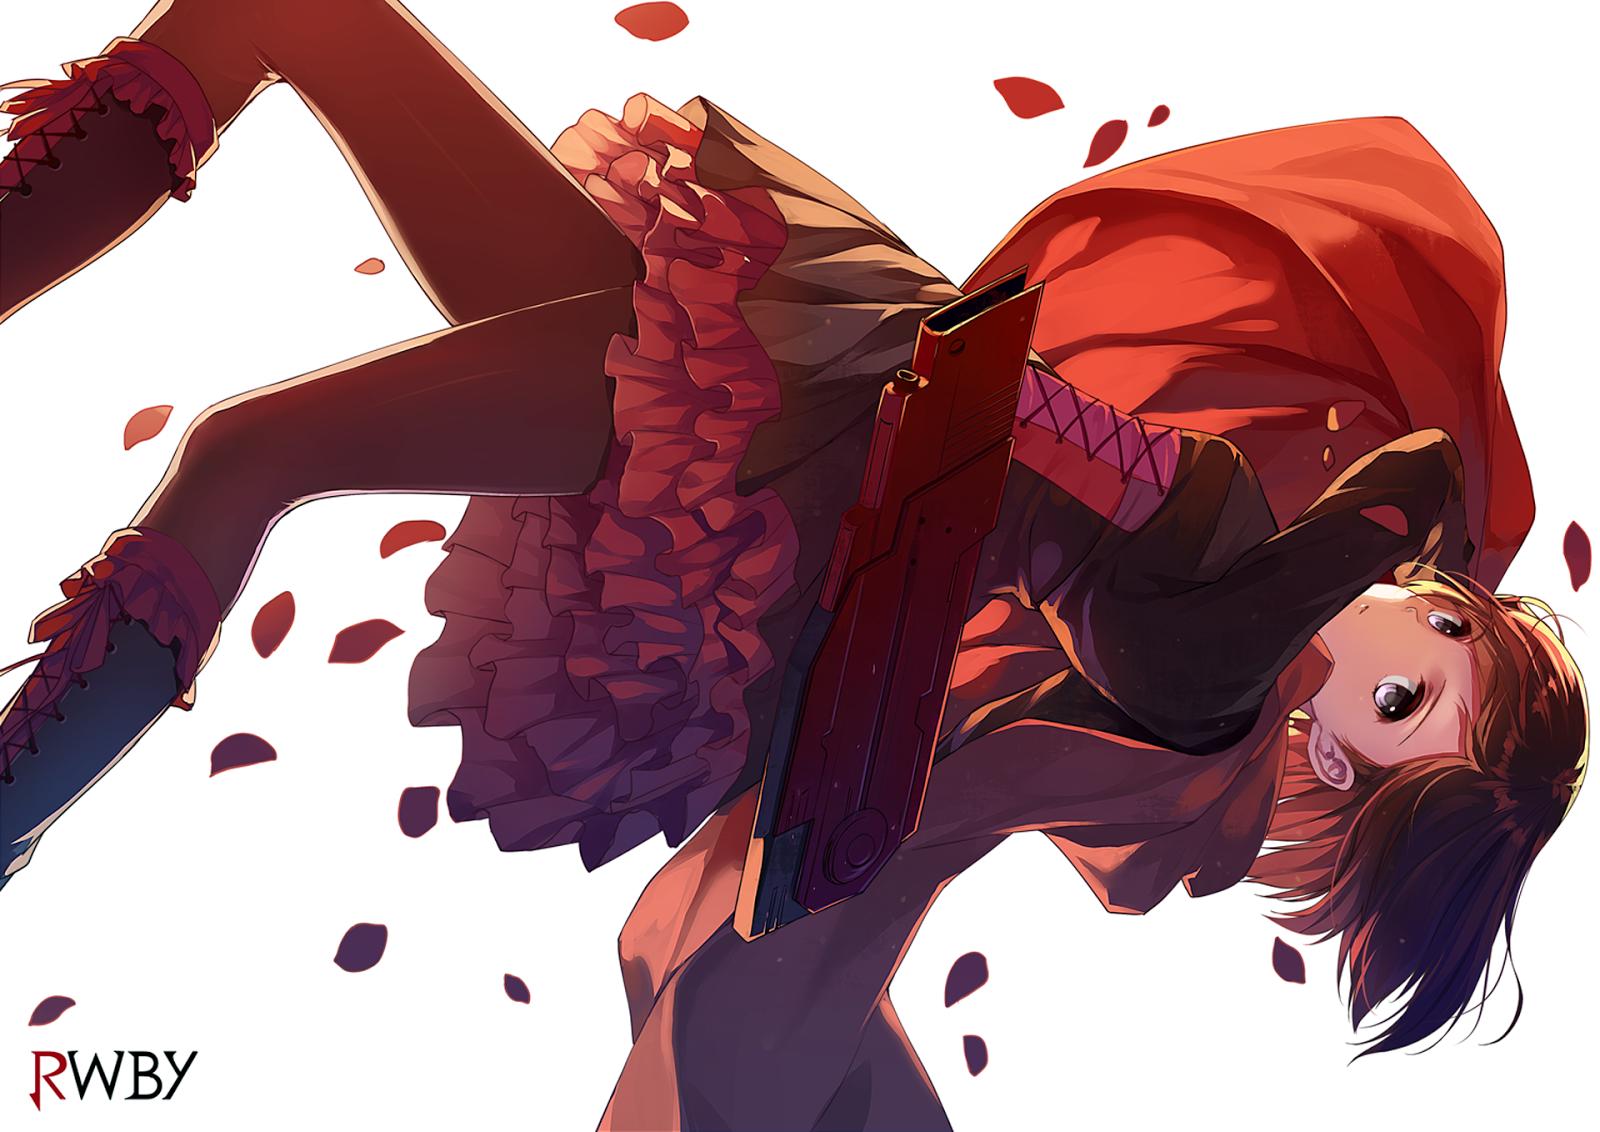 Ruby Wallpaper - WallpaperSafari